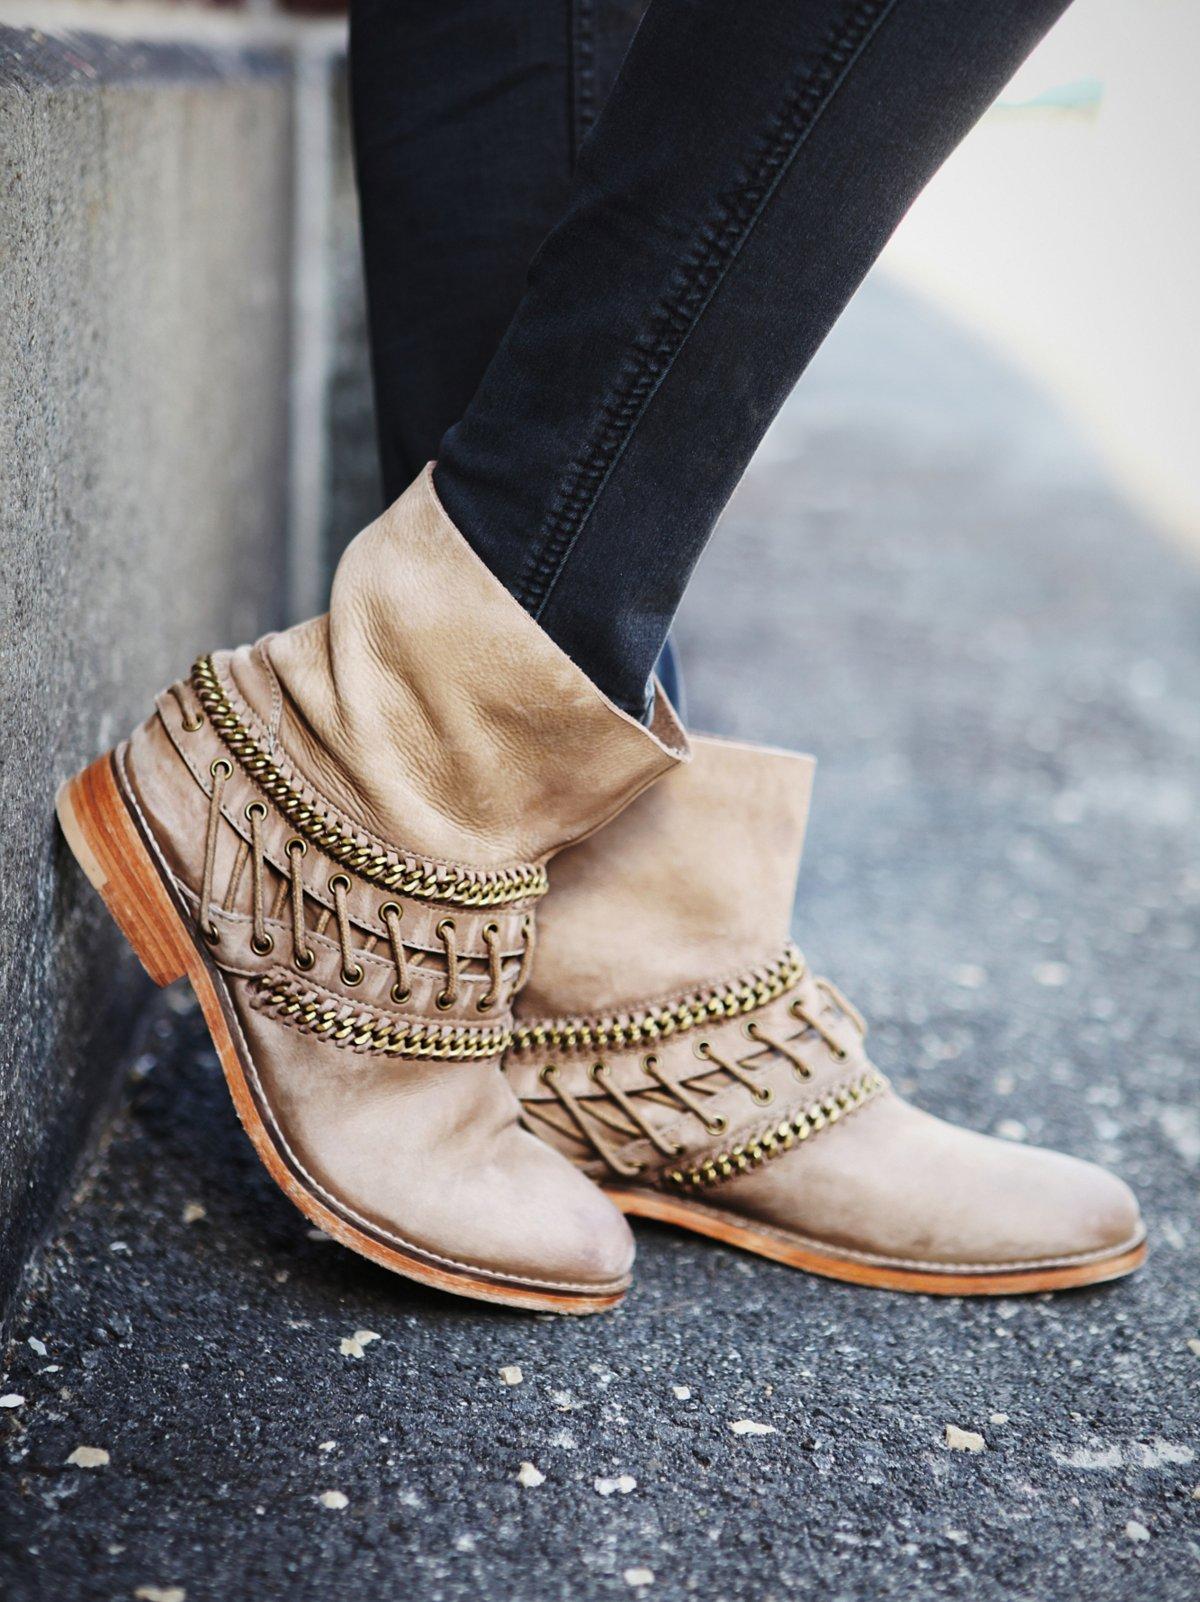 Wanderlove及踝靴